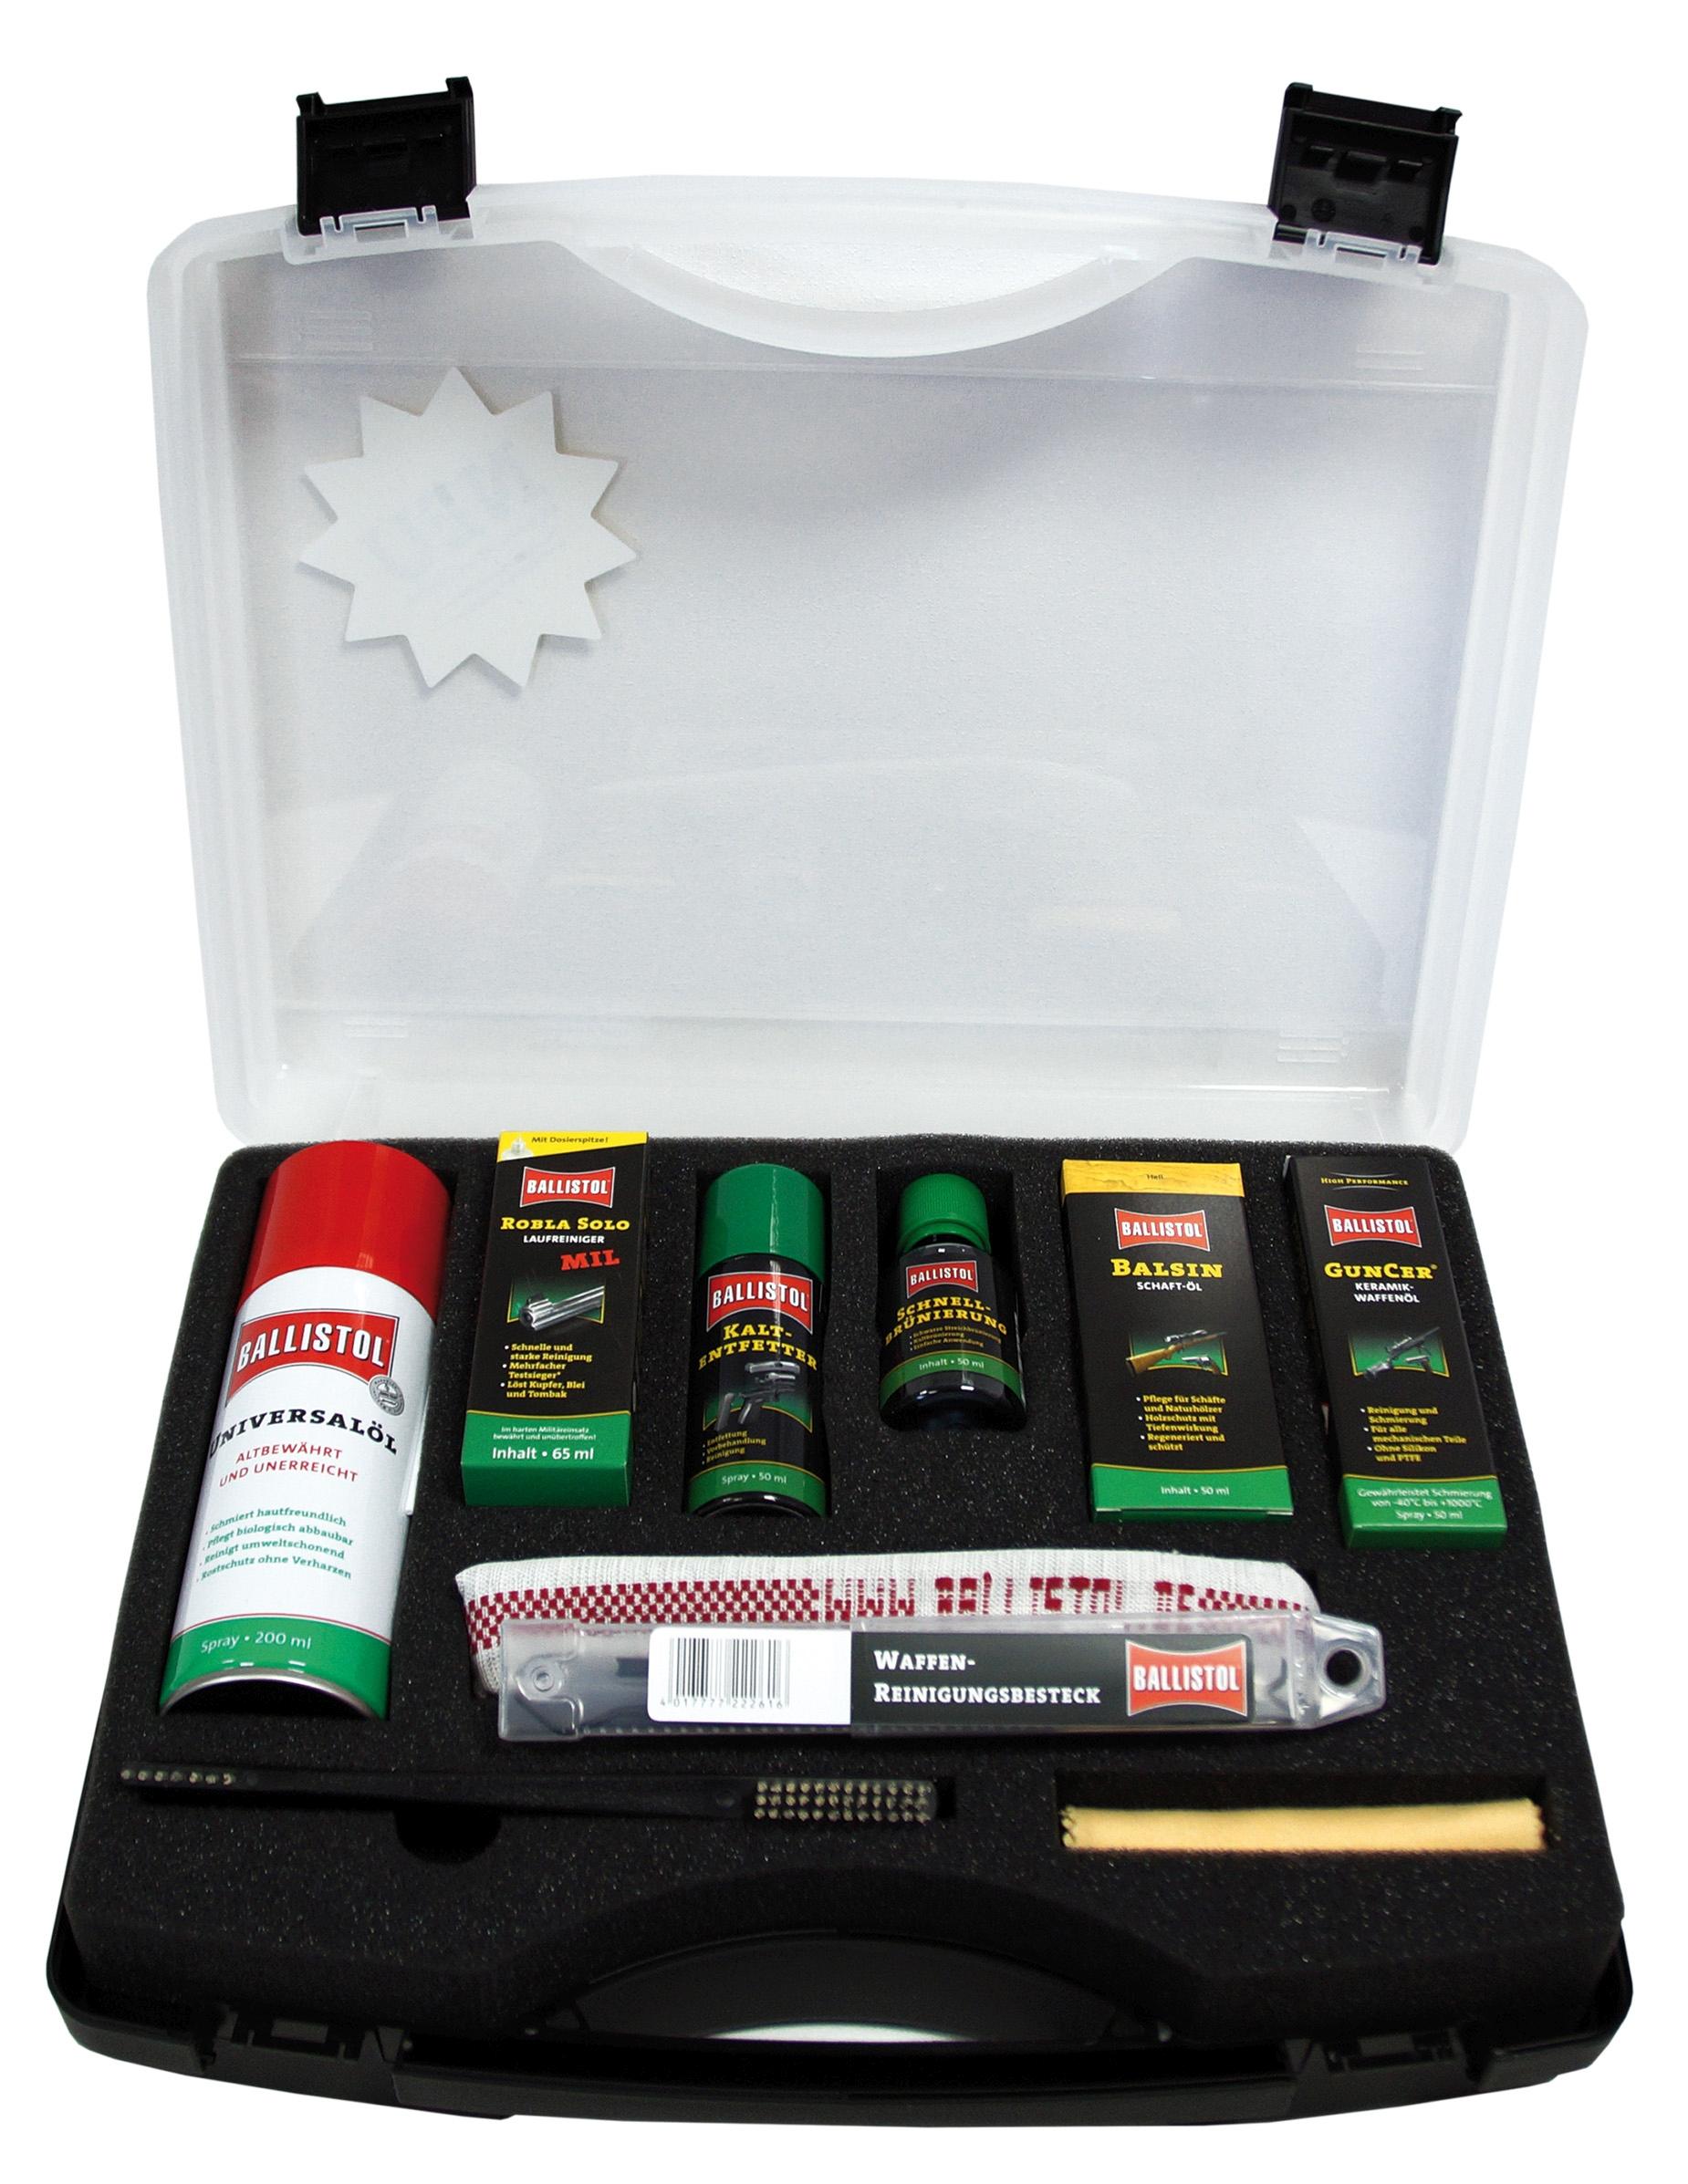 Waffenpflege Koffer von Ballistol mit vielen Reinigungs- und Pflegemitteln